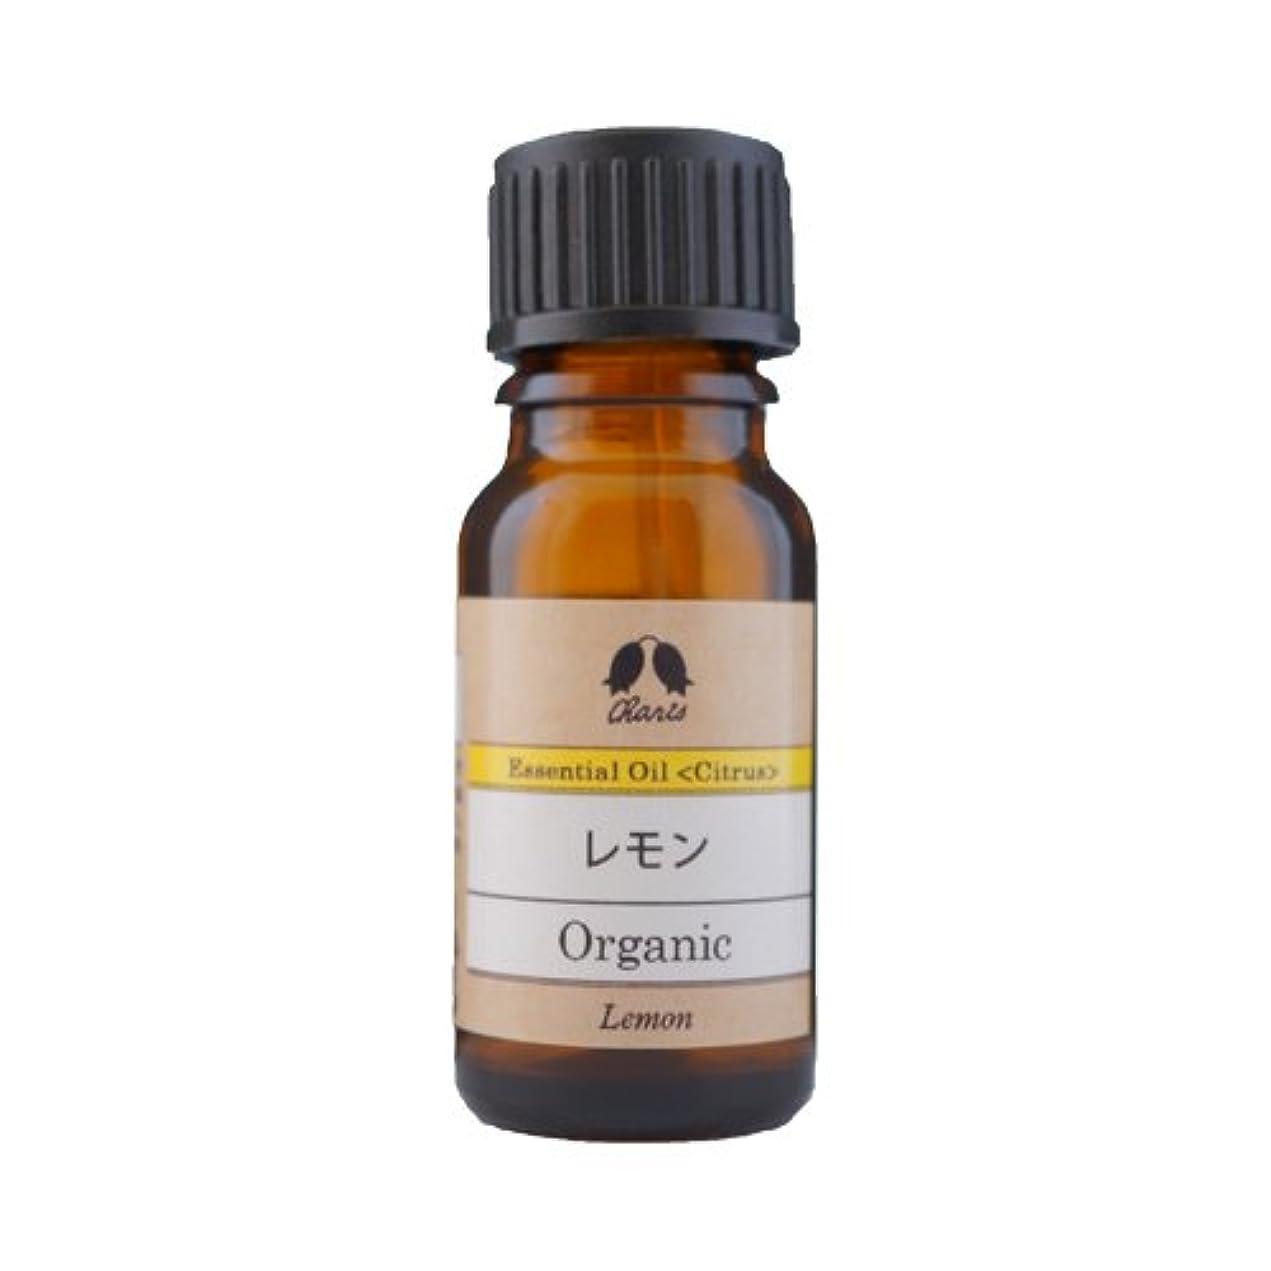 日食スムーズに原油カリス レモン オーガニック オイル 10ml